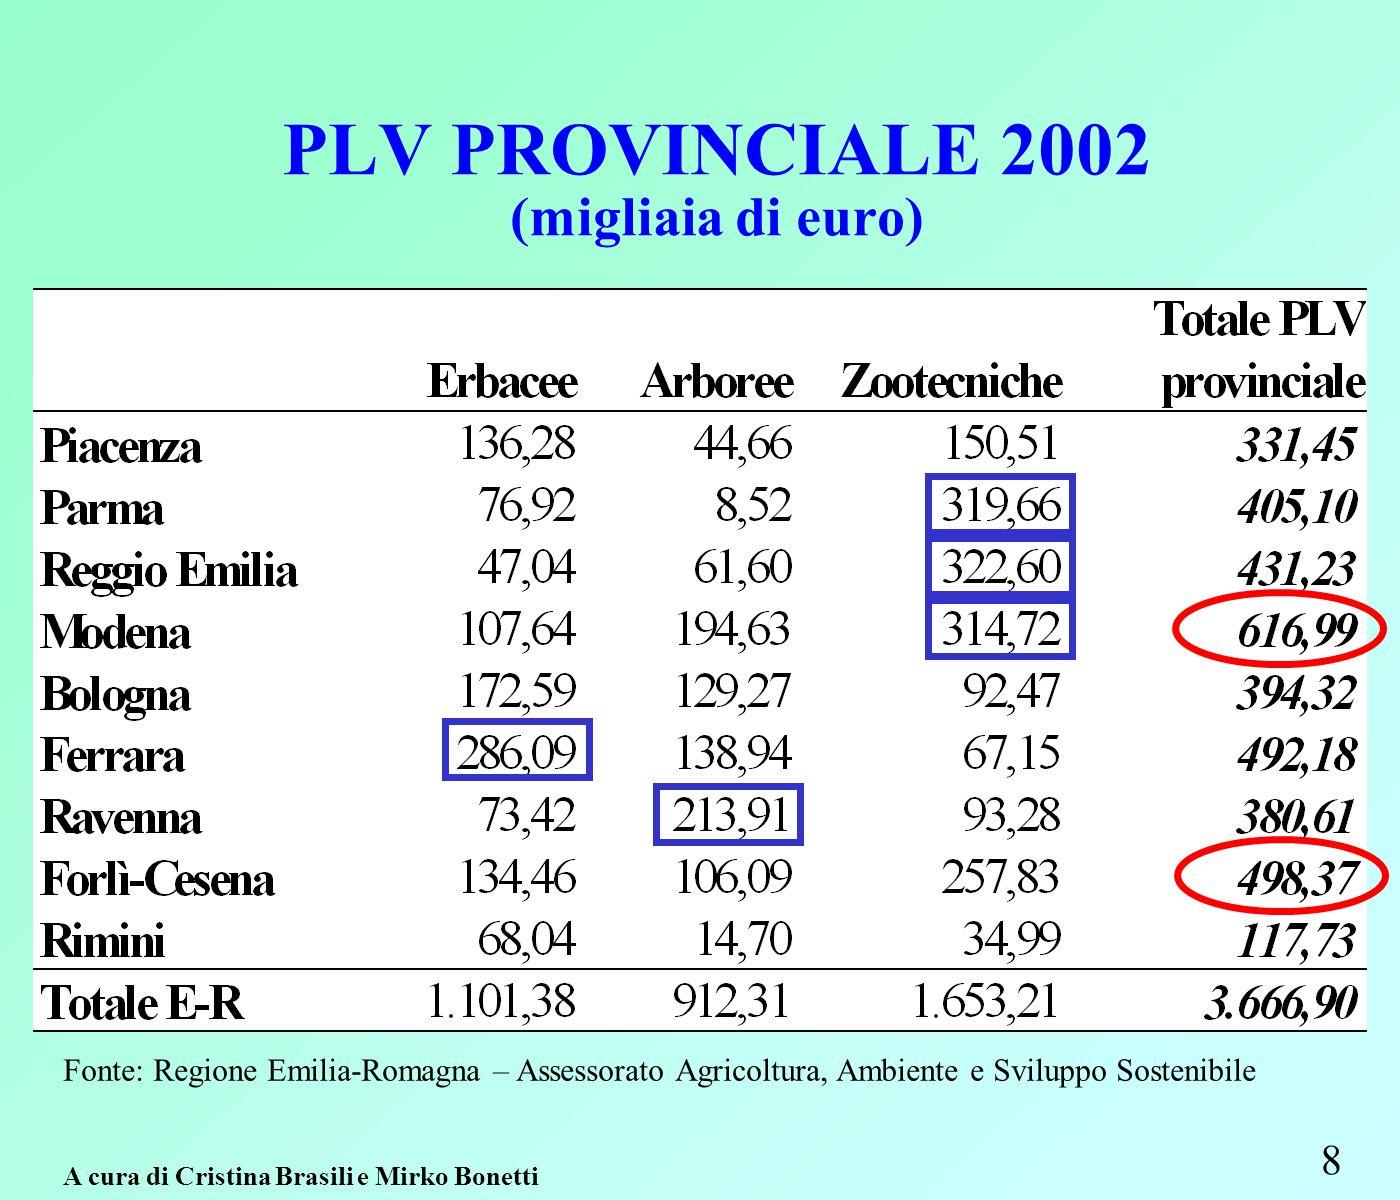 PLV PROVINCIALE 2002 (migliaia di euro) 8 Fonte: Regione Emilia-Romagna – Assessorato Agricoltura, Ambiente e Sviluppo Sostenibile A cura di Cristina Brasili e Mirko Bonetti